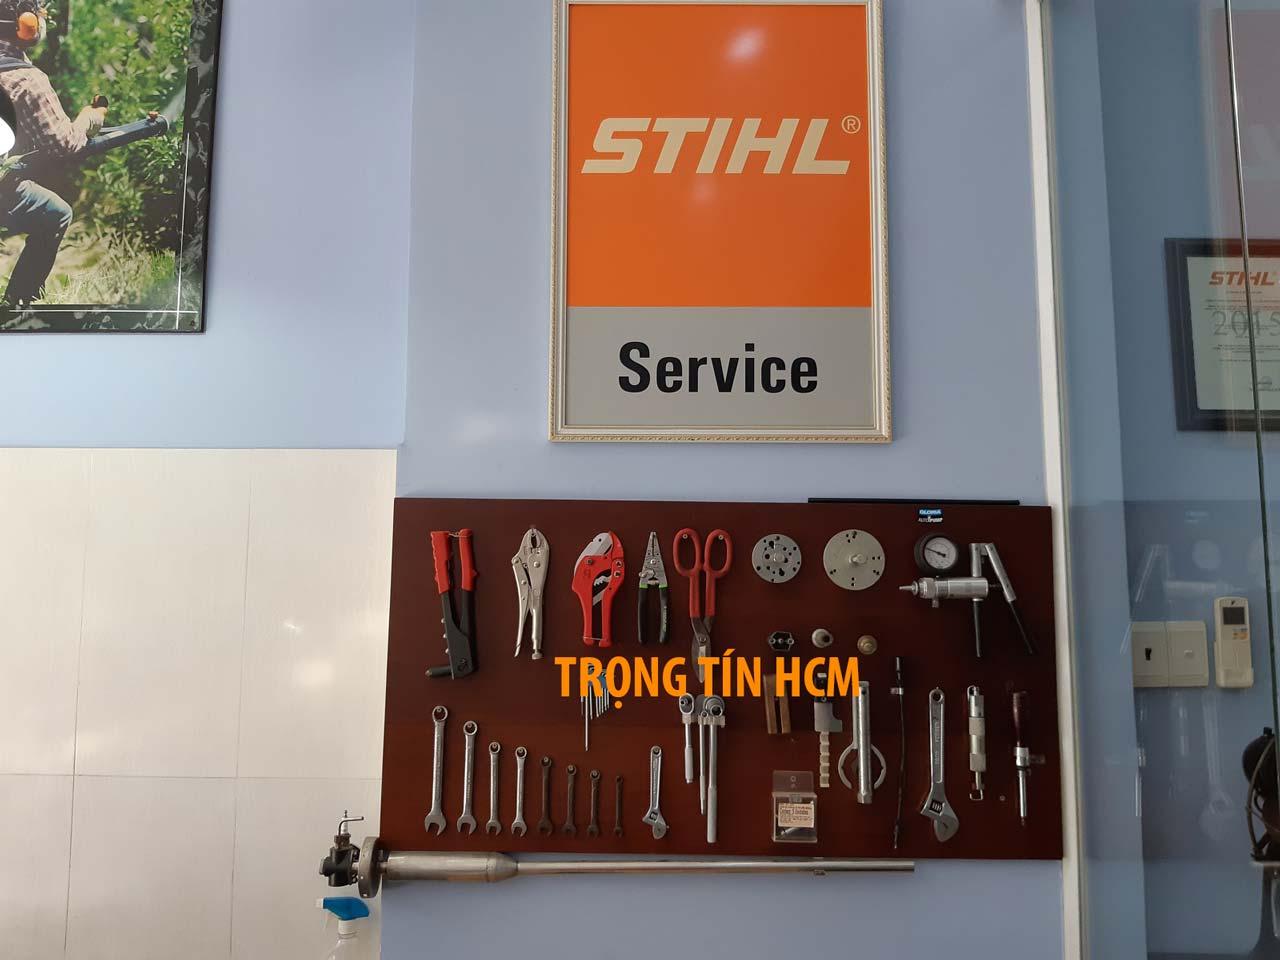 Dịch vụ sửa chữa thiết bị stihl uy tin chính hãng - Trọng Tín HCM